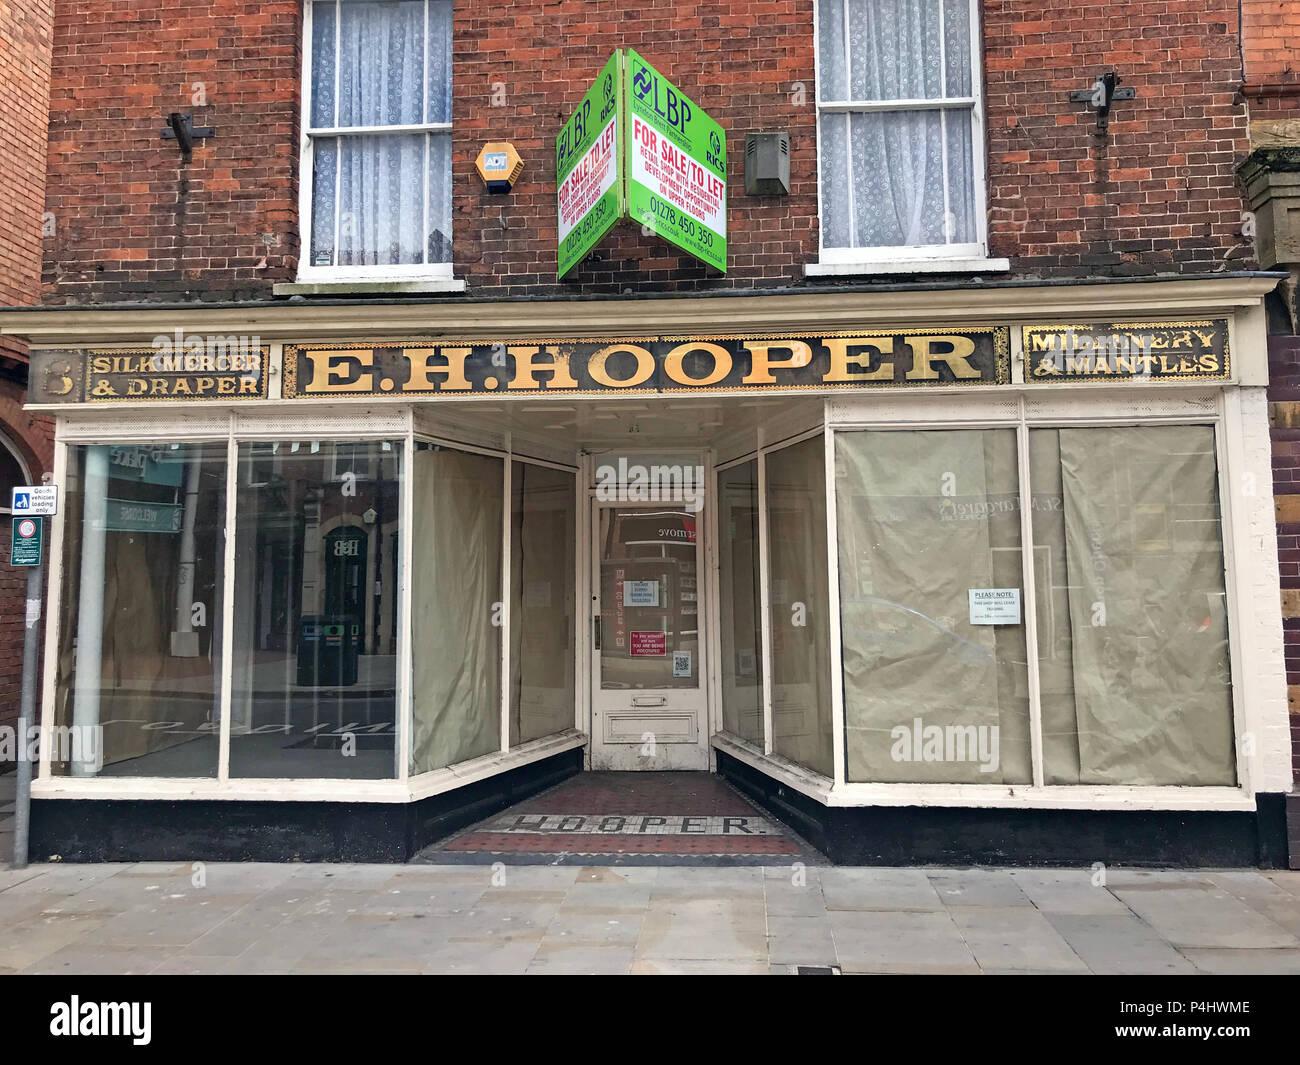 Dieses Stockfoto: EH Hooper, Seide Mercer & Draper, Millinery & Mäntel Shop Anmelden gold Schriftzug, 25 High Street, Bridgwater, Somerset, England, UK, TA 6 3. - P4HWME